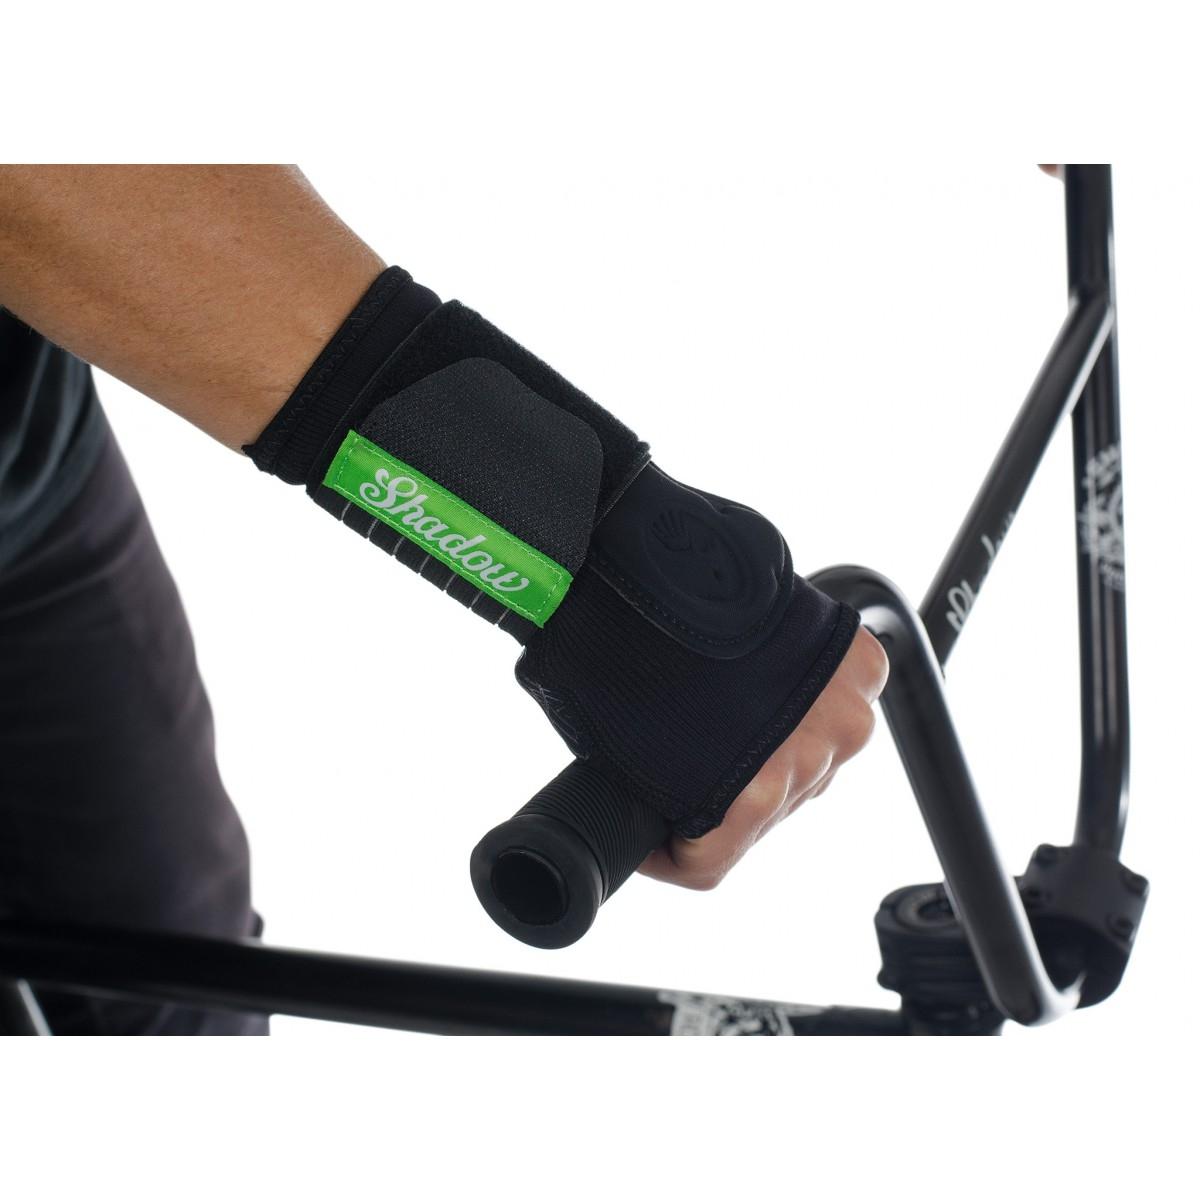 Protège-poignet TSC Revive Wrist Support Gauche (Taille unique)